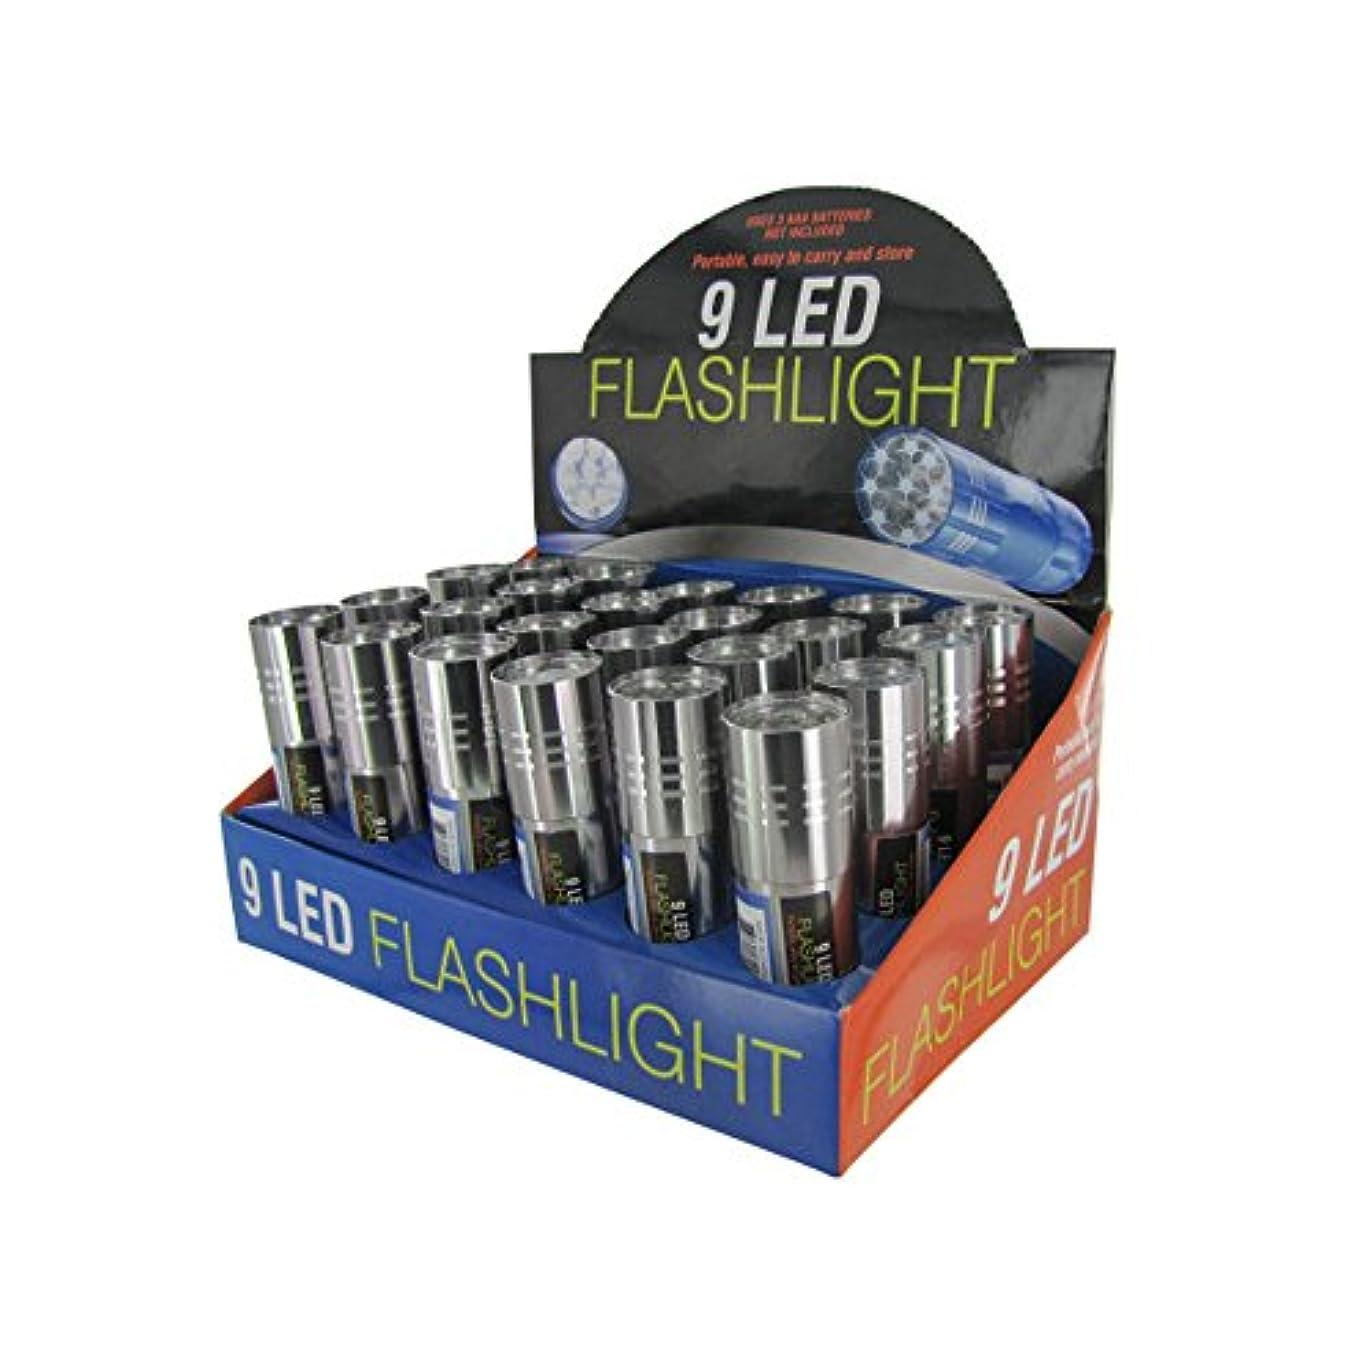 相談パースブラックボロウペデスタル9-LED Flashlight Display Case by bulk buys